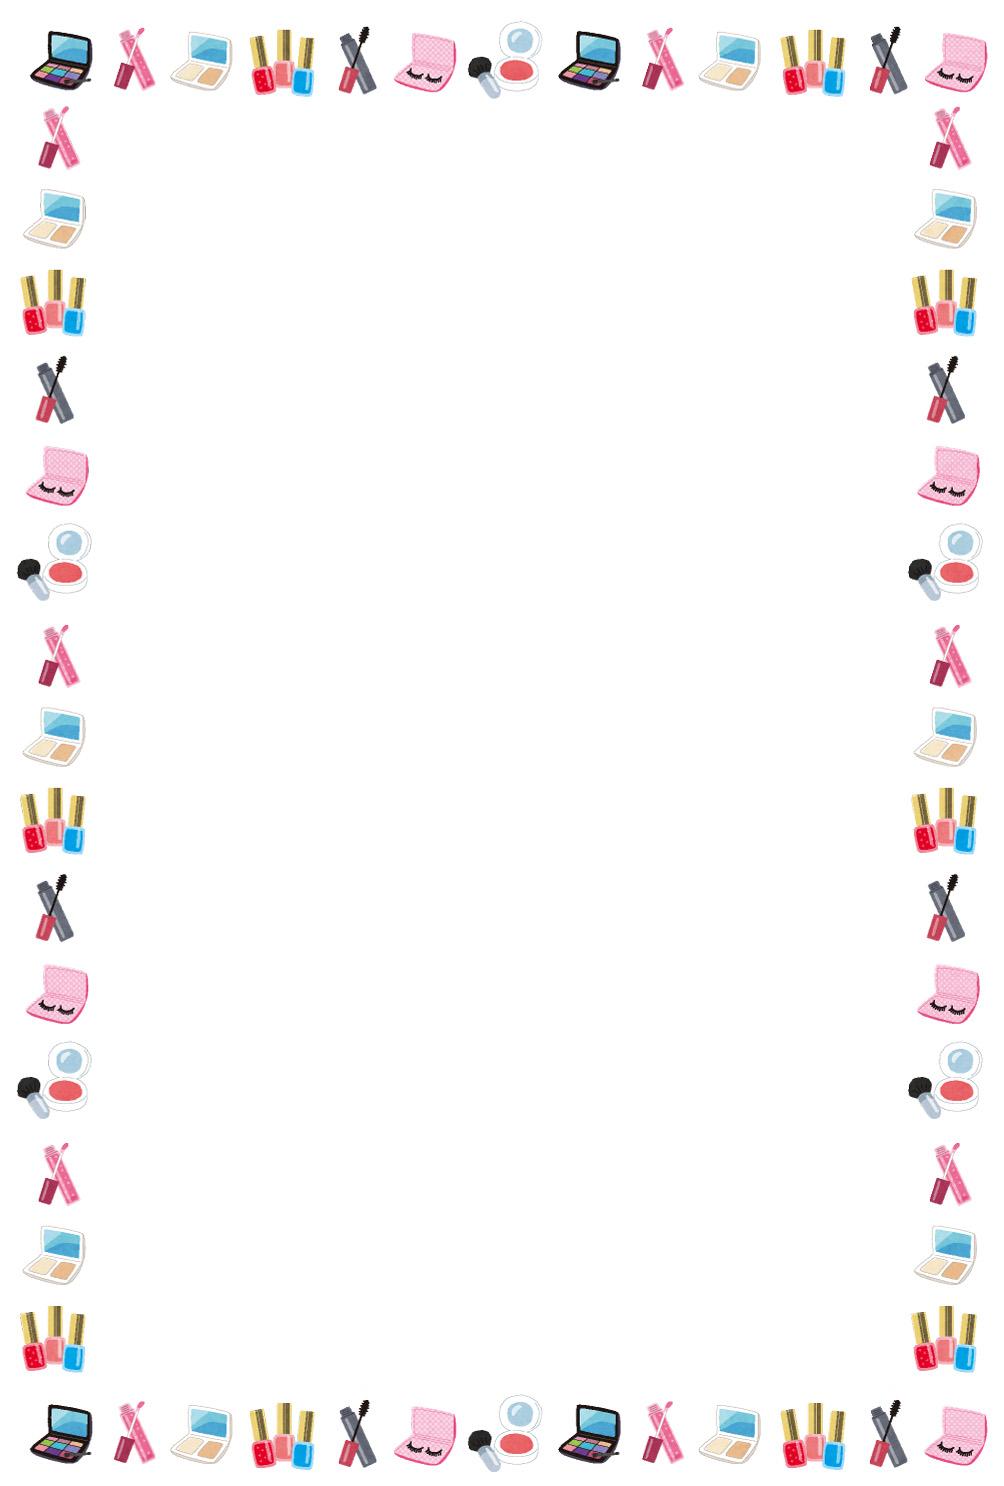 すべての講義 幼稚園 名札 テンプレート : フリー イラスト 素材 枠の画像 ...